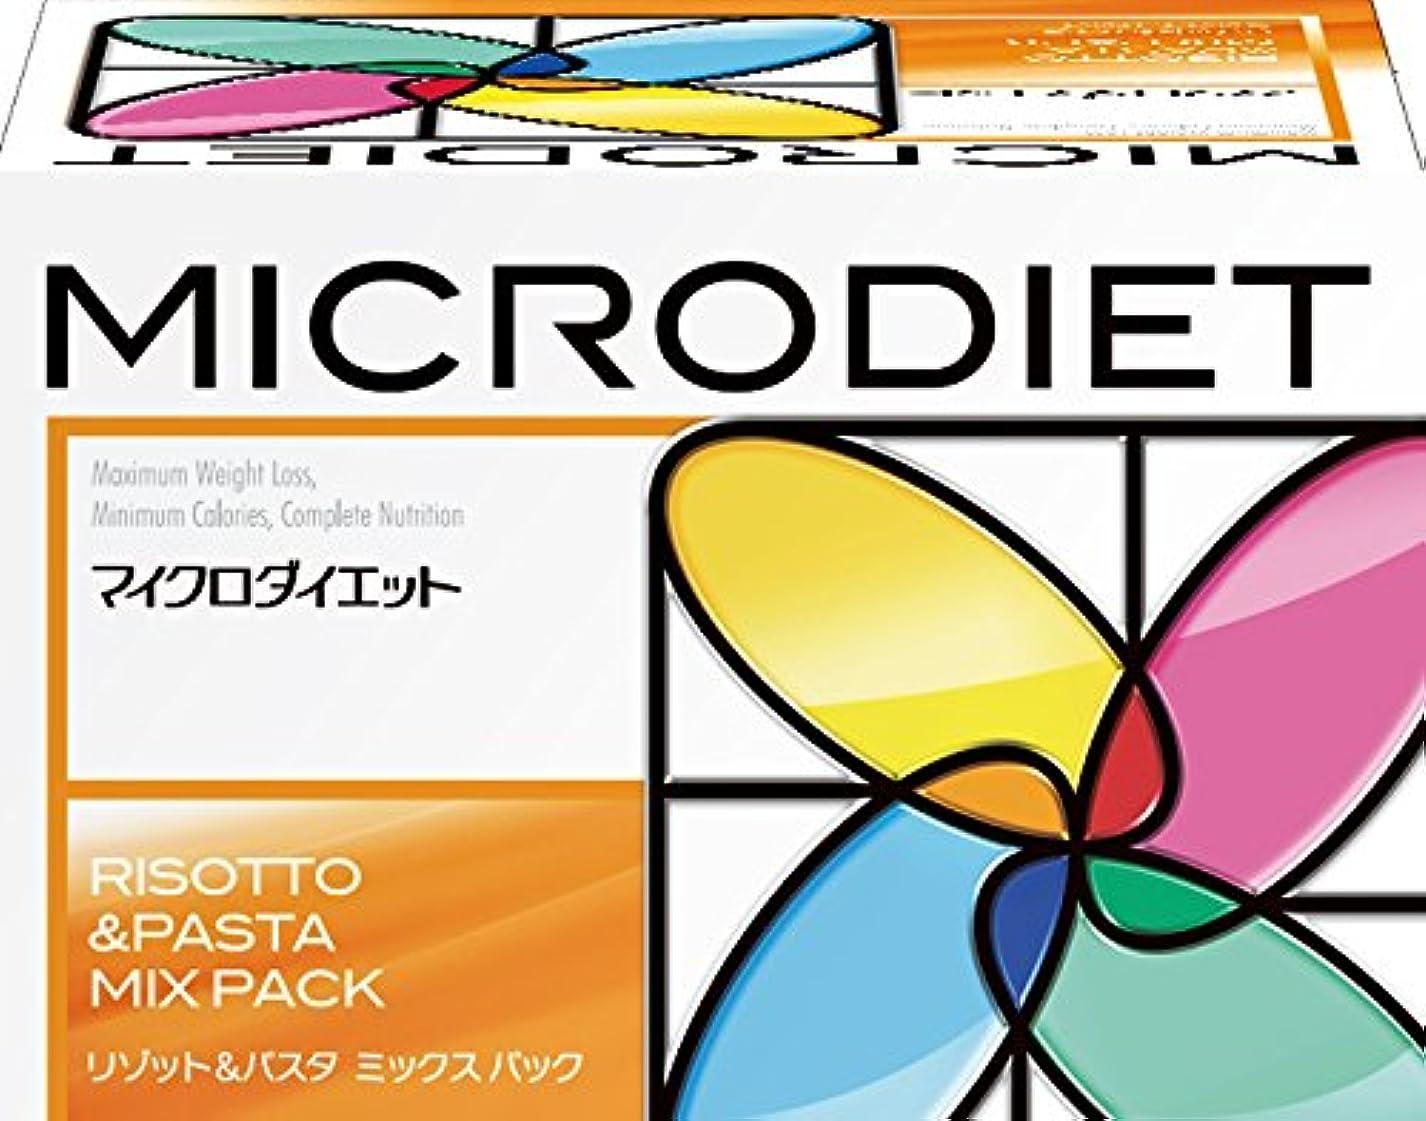 そうでなければ誠実冗談でマイクロダイエット リゾット&パスタミックスパック(0007329)